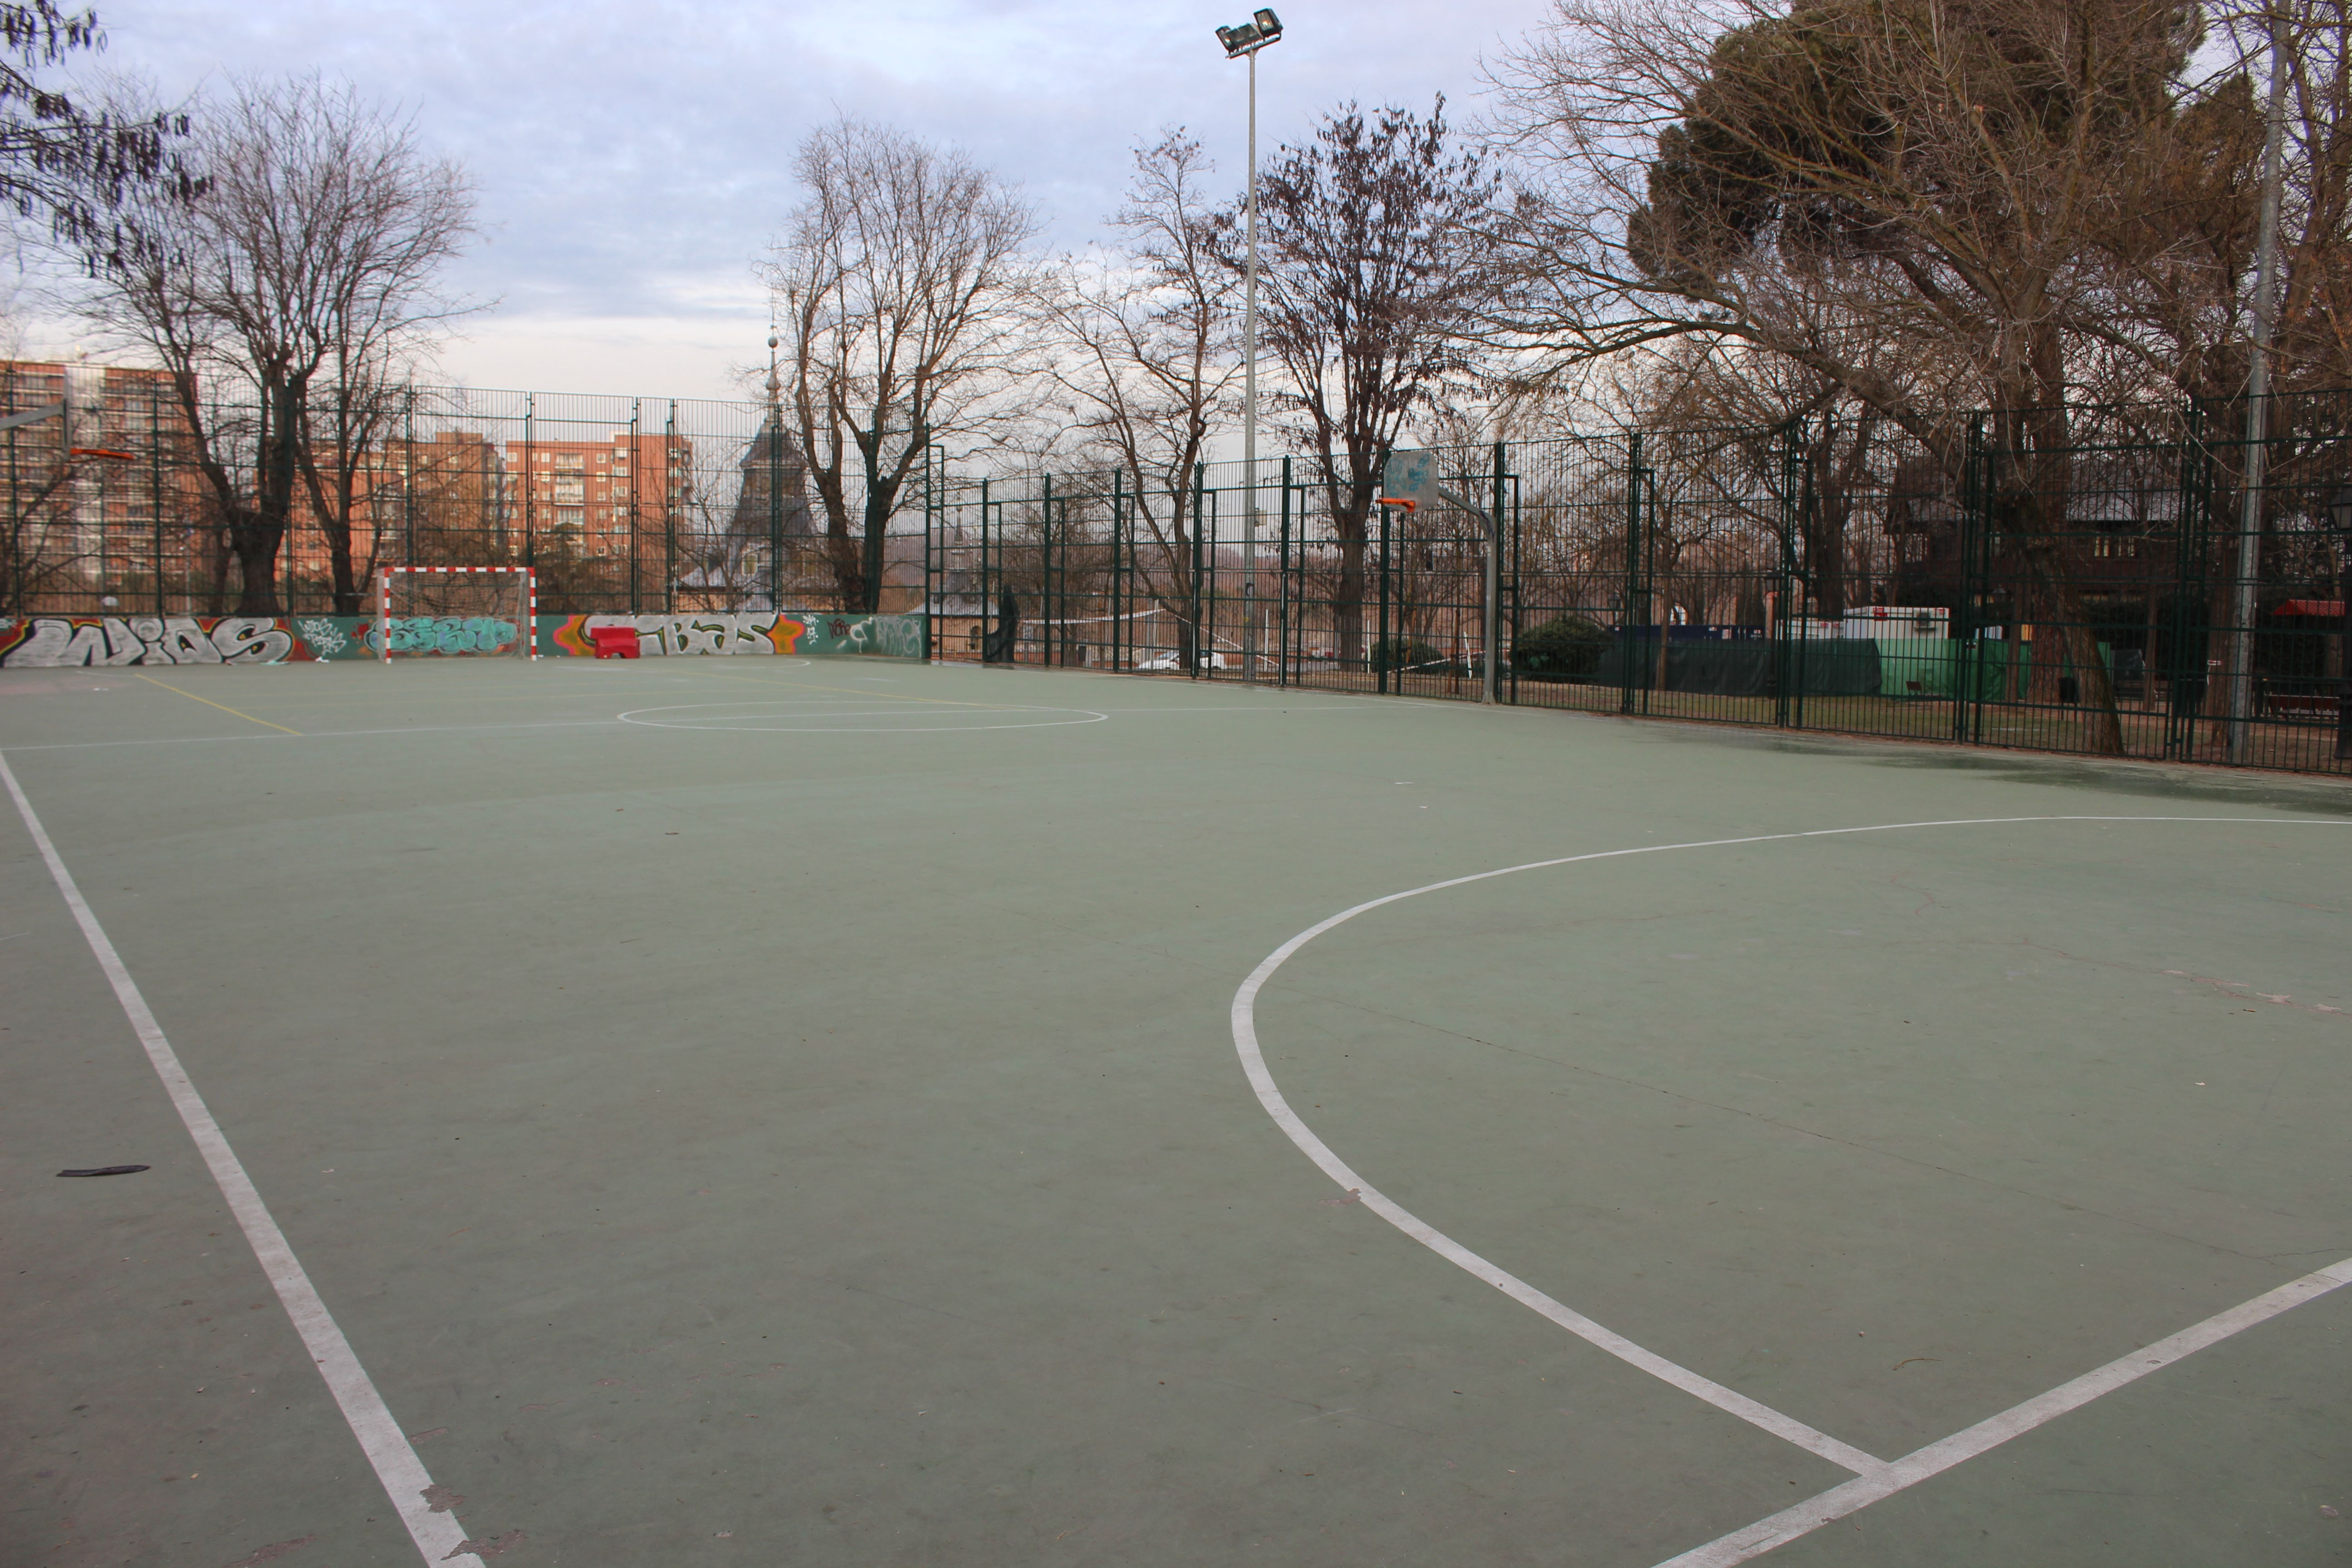 baloncesto ecologico - campaña de concienciación - pista de basket que se reformará